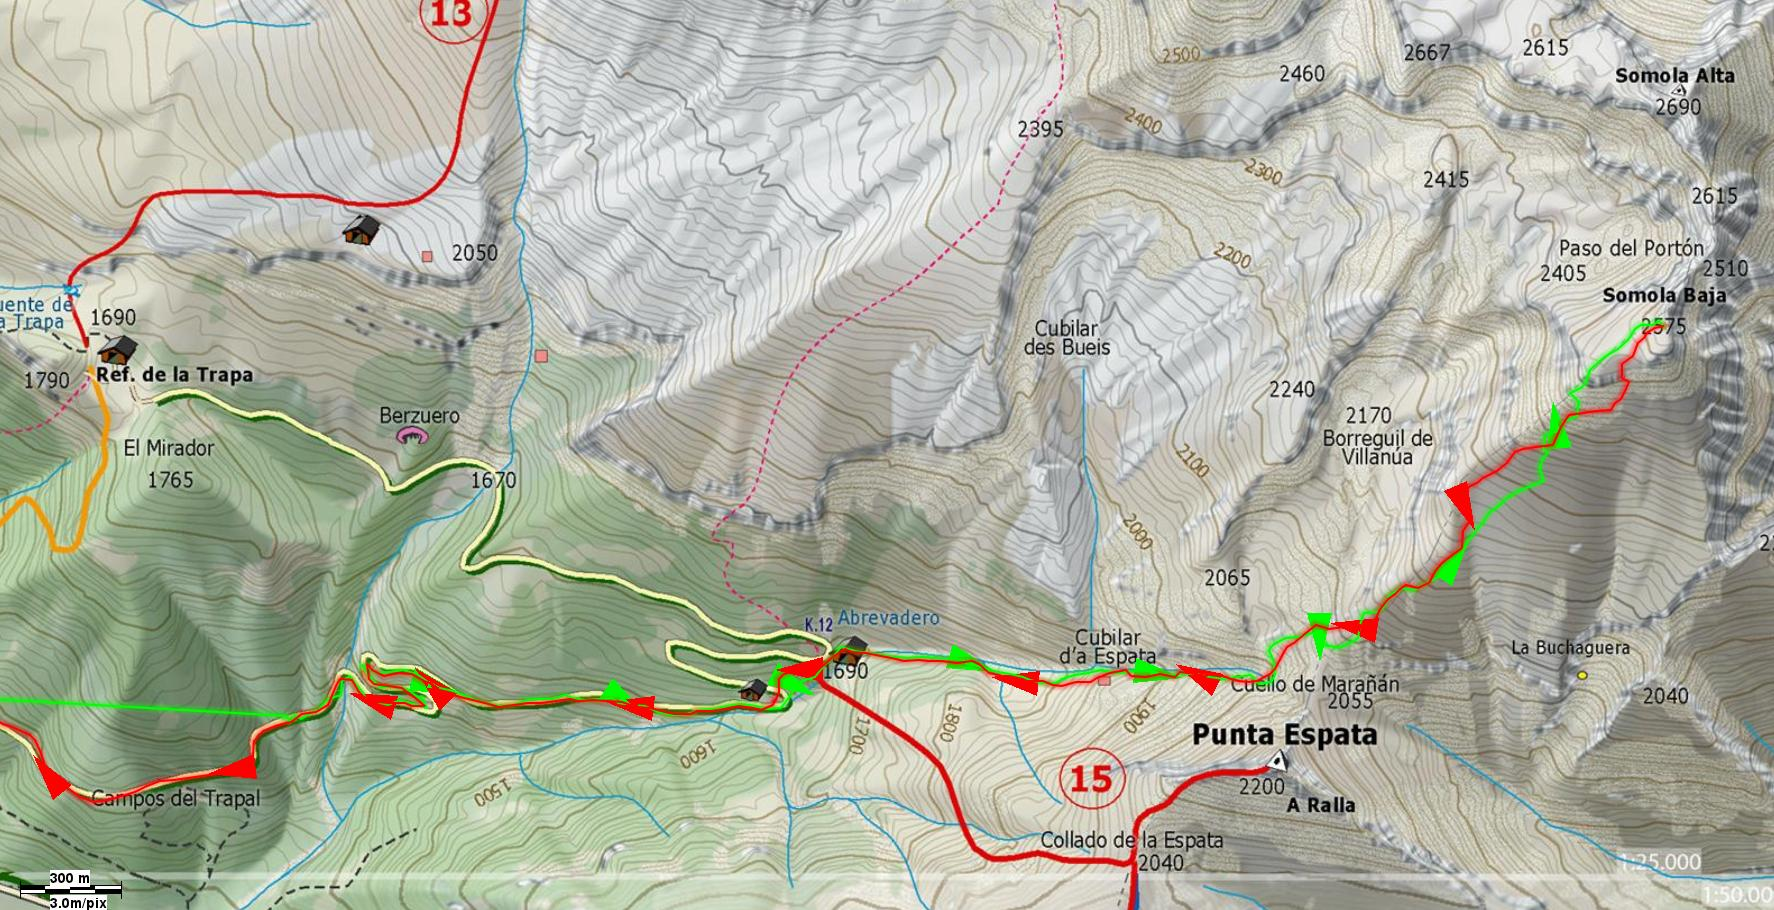 Mapa de detalle de la subida